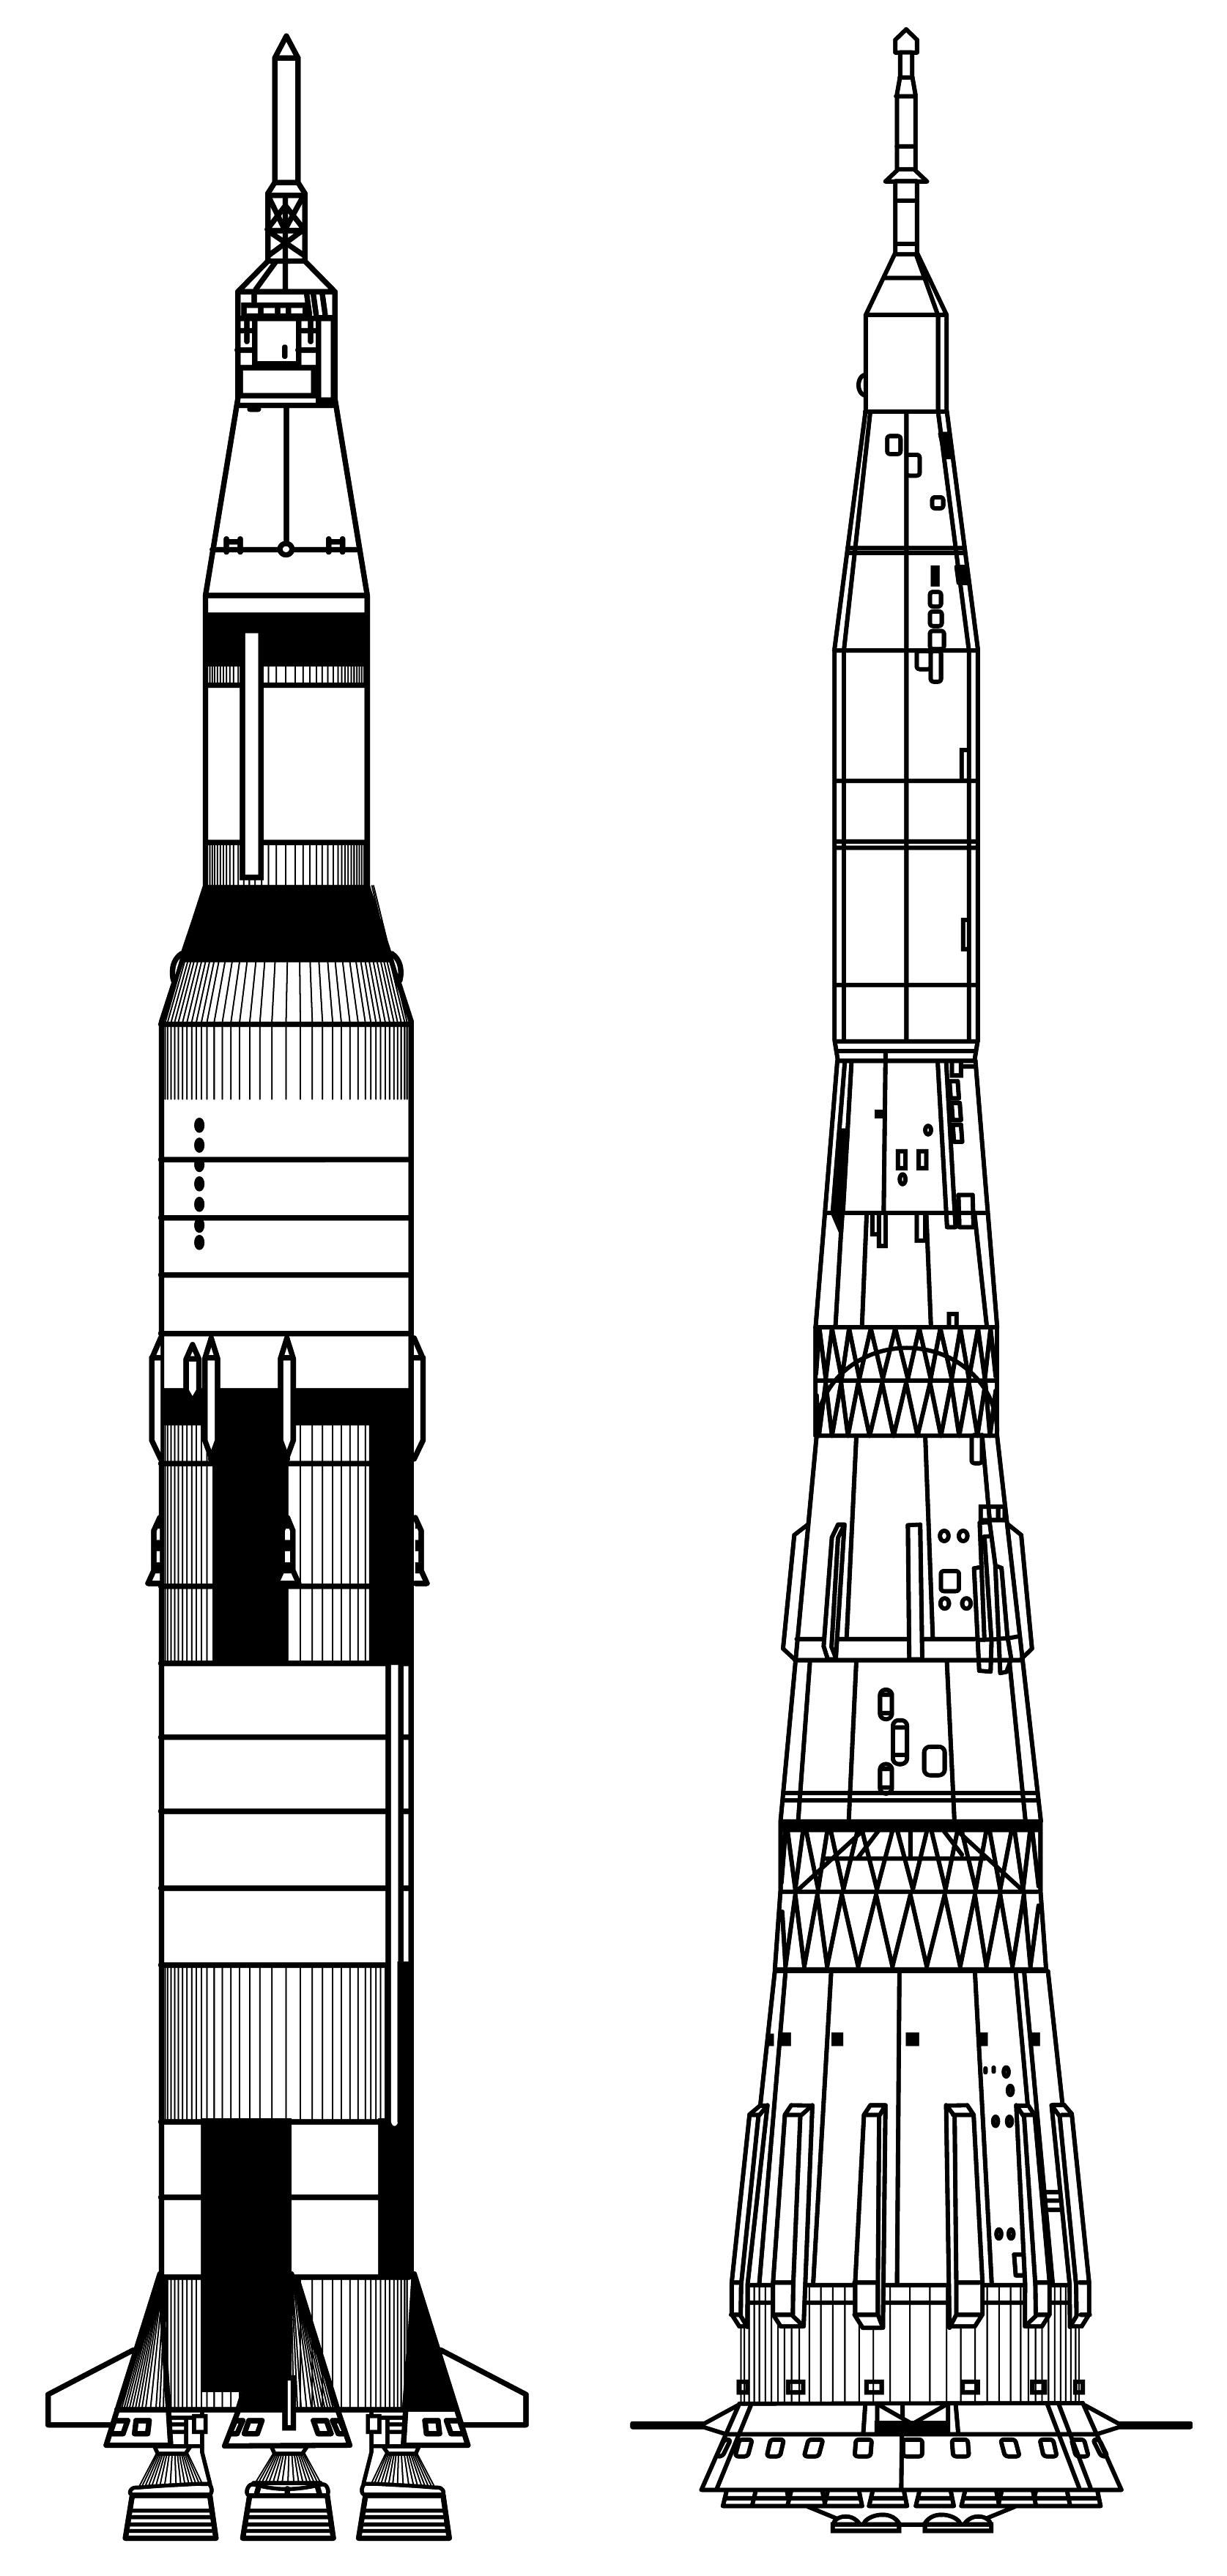 Apollo Rocket Drawing The Apollo Moon Rocket is